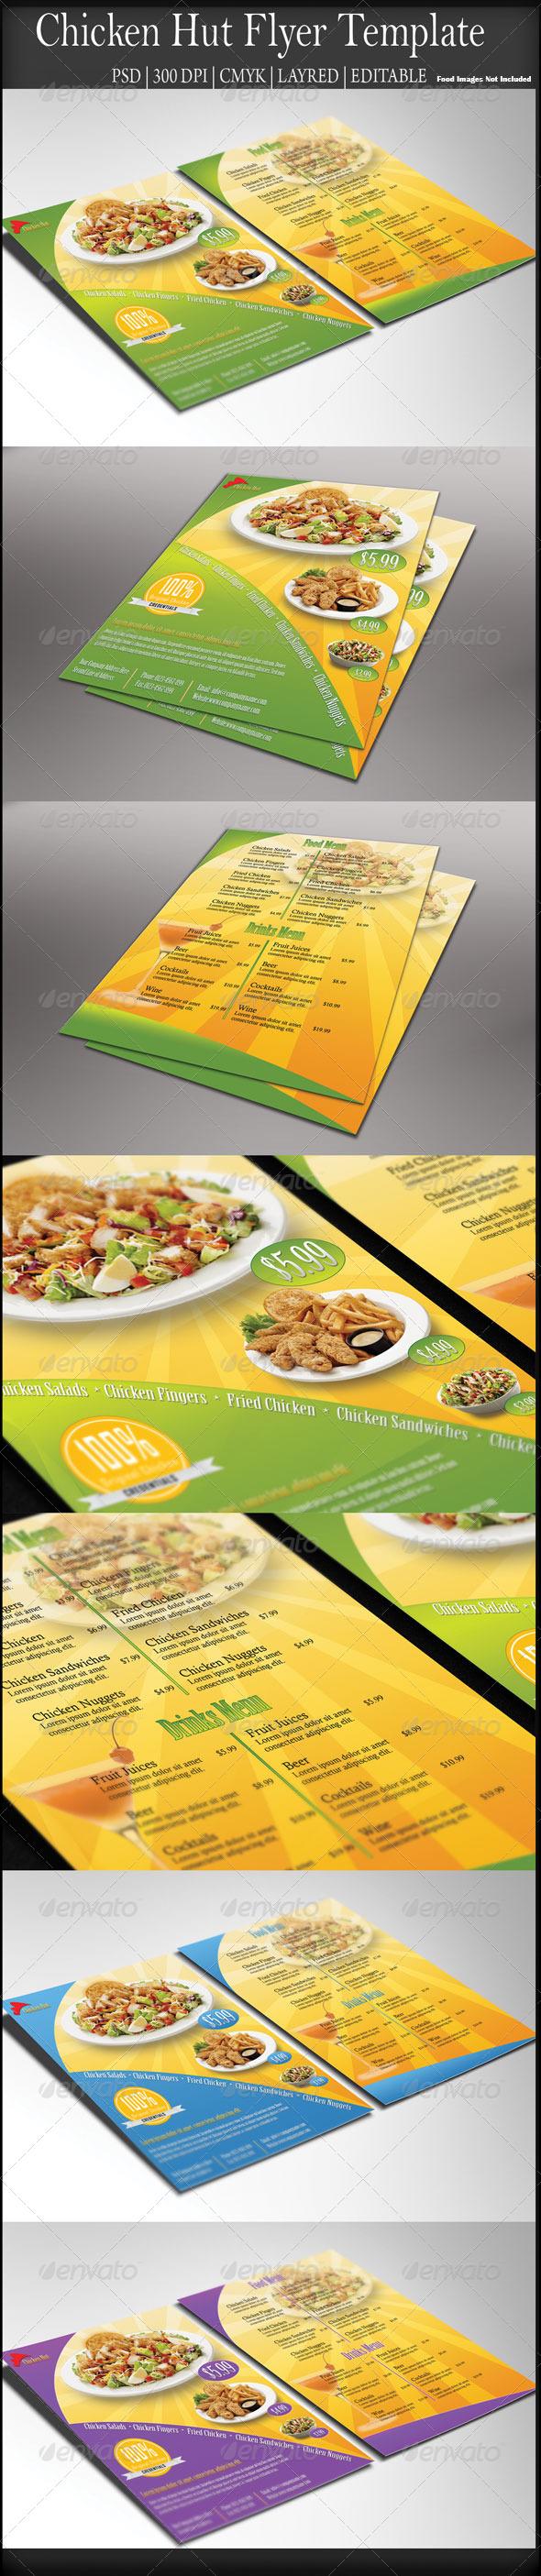 GraphicRiver Chicken Hut Flyer 7302181